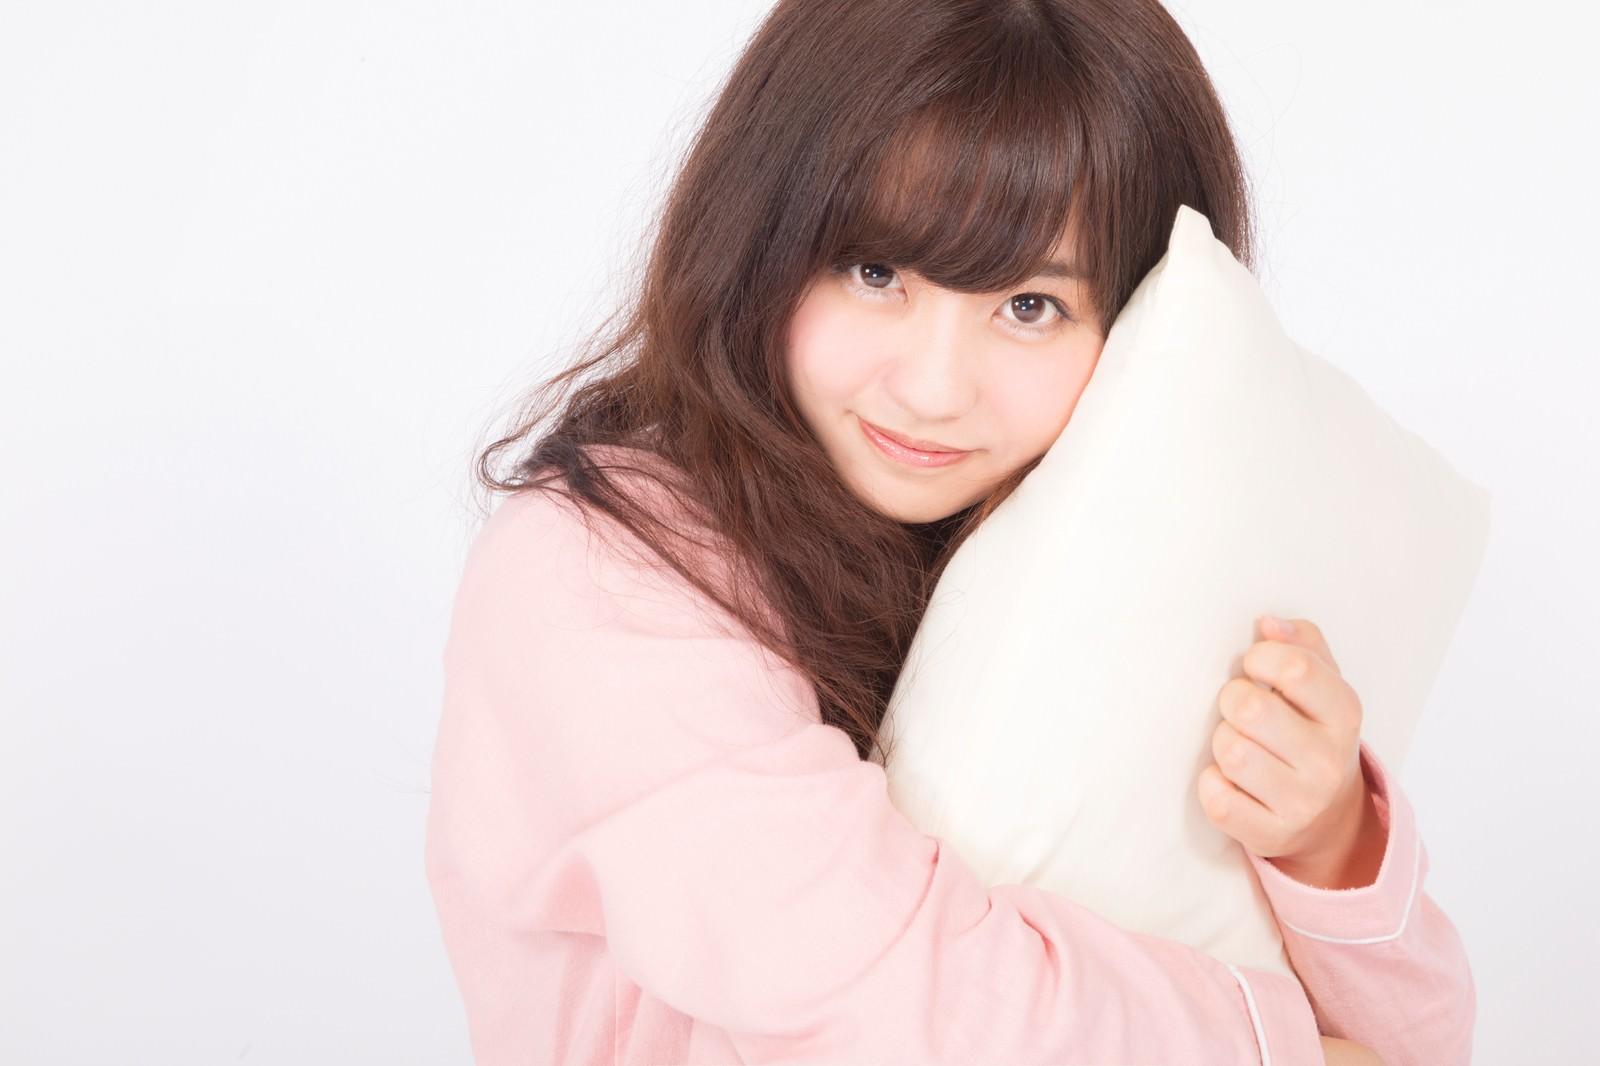 「まくらを抱きしめるパジャマ女子 | 写真の無料素材・フリー素材 - ぱくたそ」の写真[モデル:河村友歌]